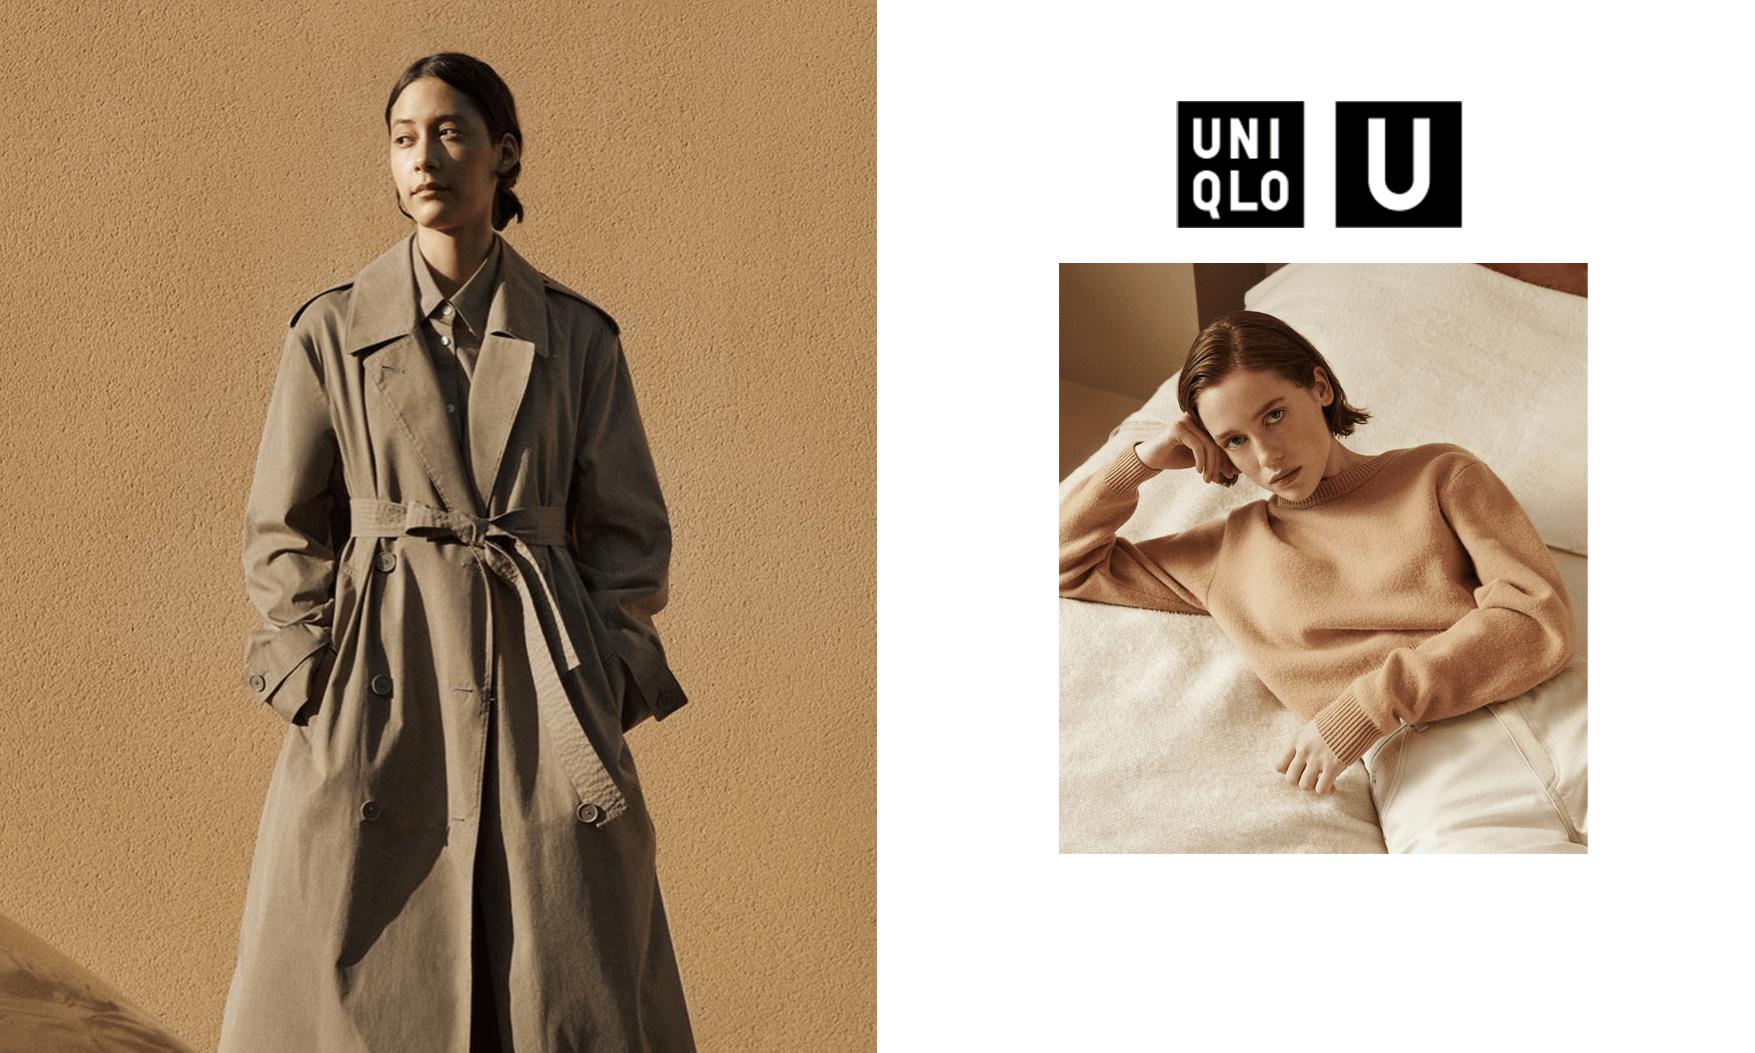 9 月正式上架,UNIQLO U 全新系列瞩目单品一览